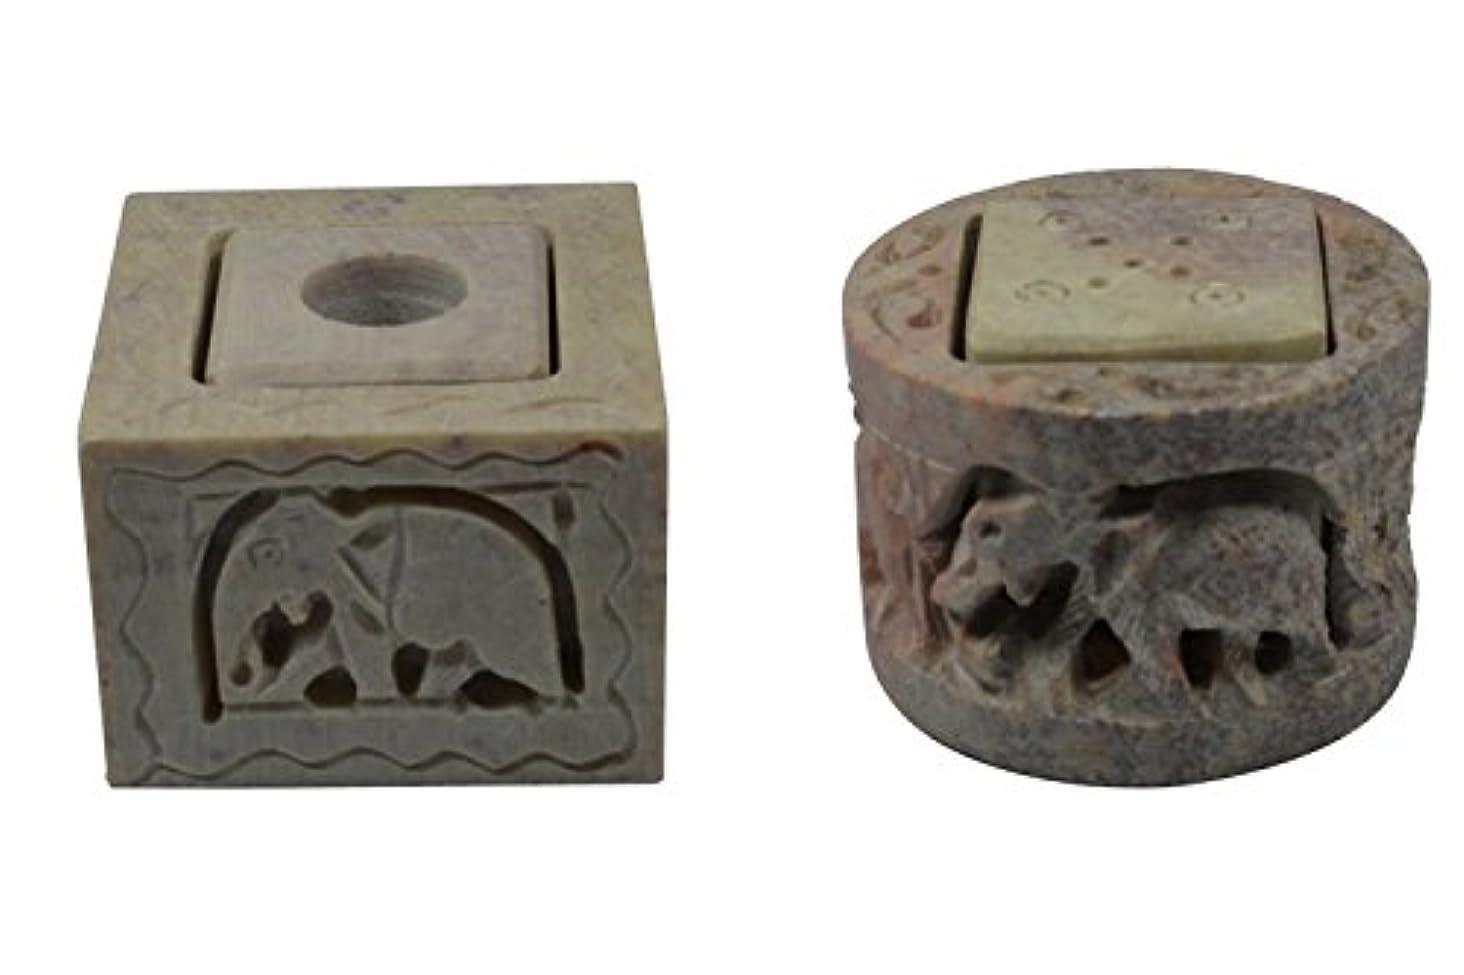 取り壊す睡眠クリスチャンRoyal Handicrafts Handcrafted Soapstone Candle & Incense Holder With Elephant Carving - Set of 2